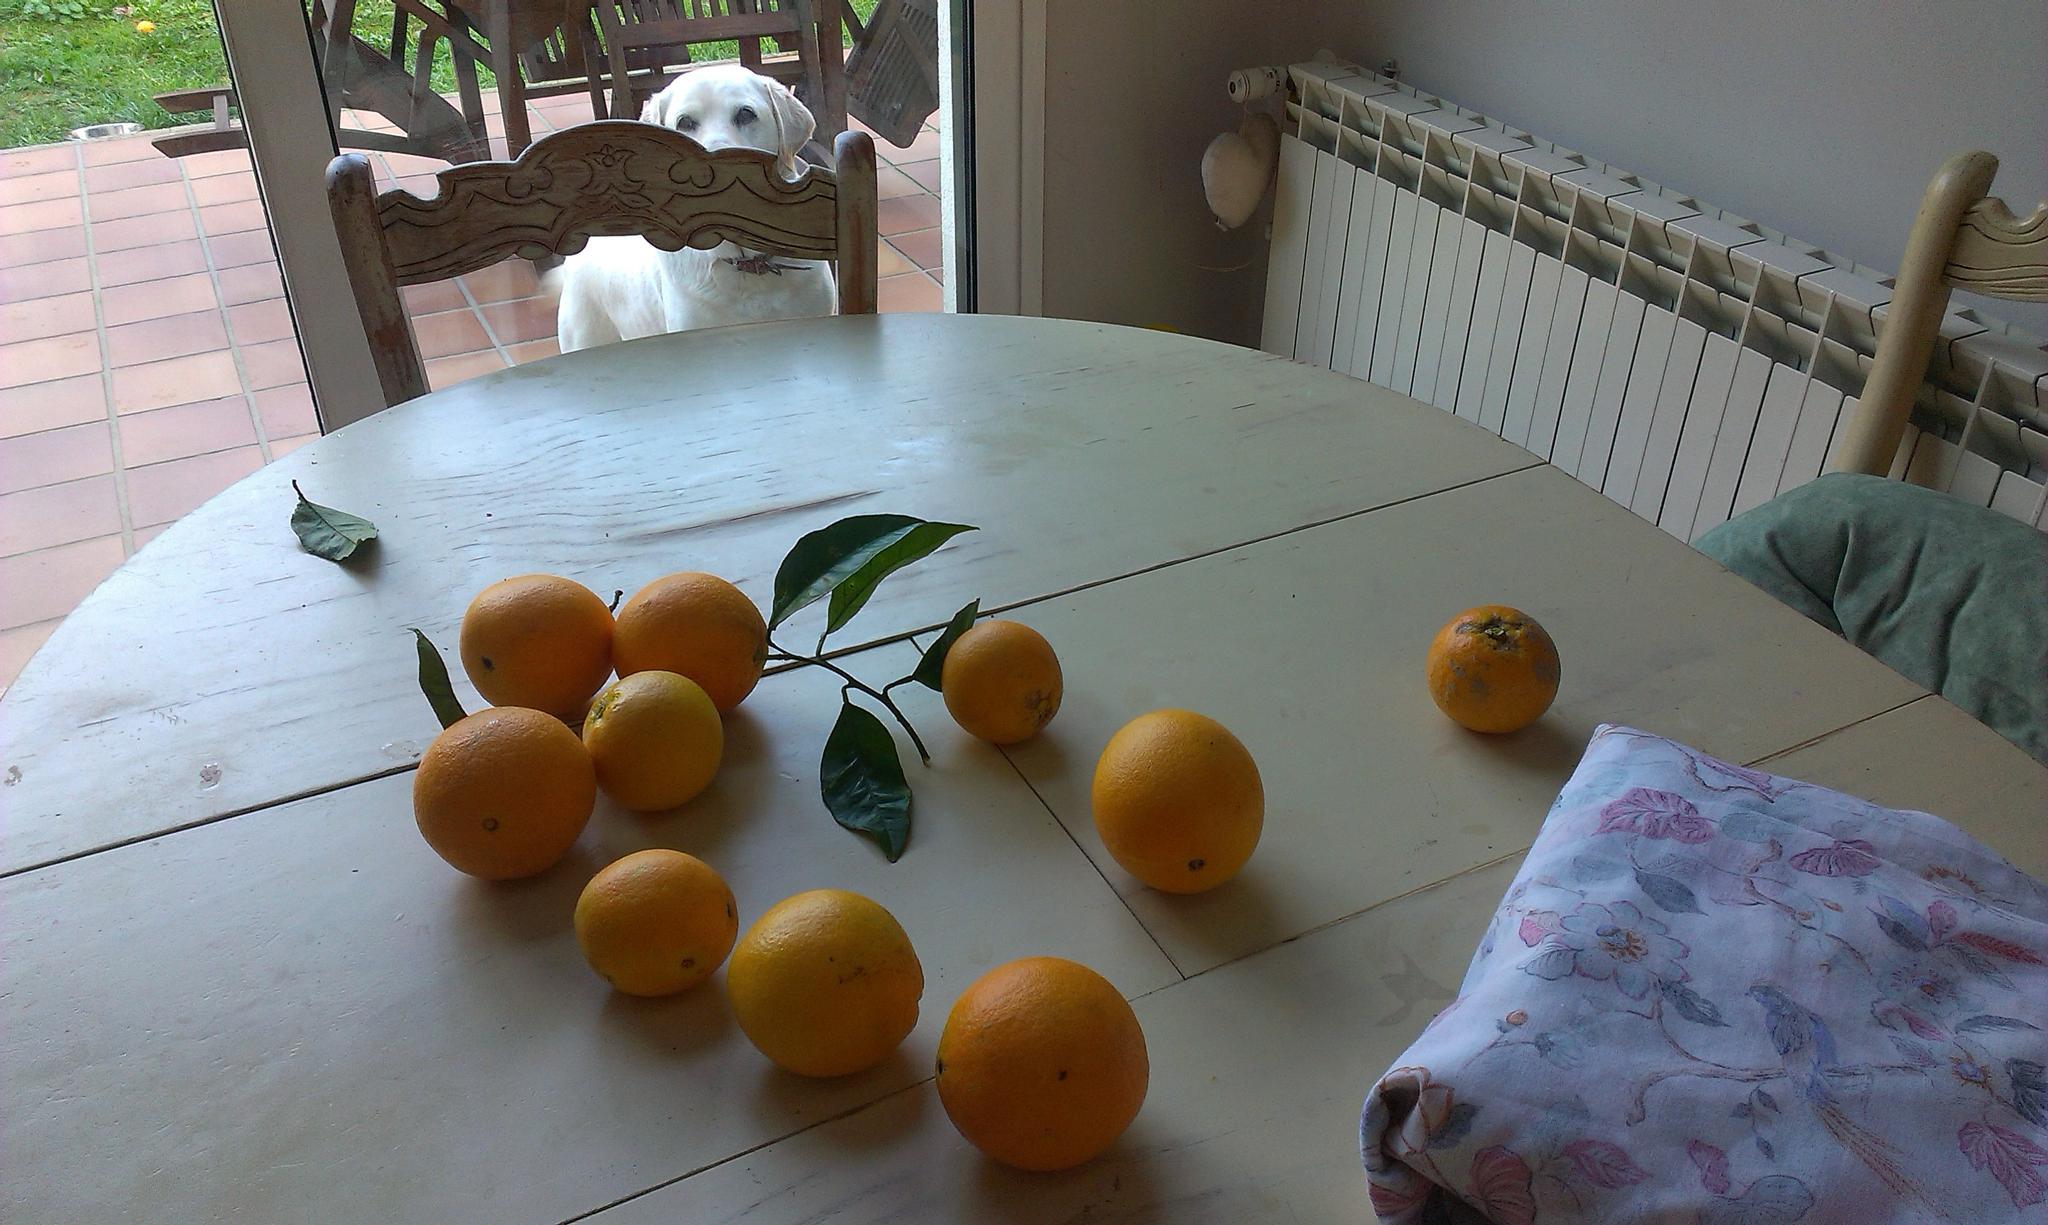 Winter Fruit by Con de Noro